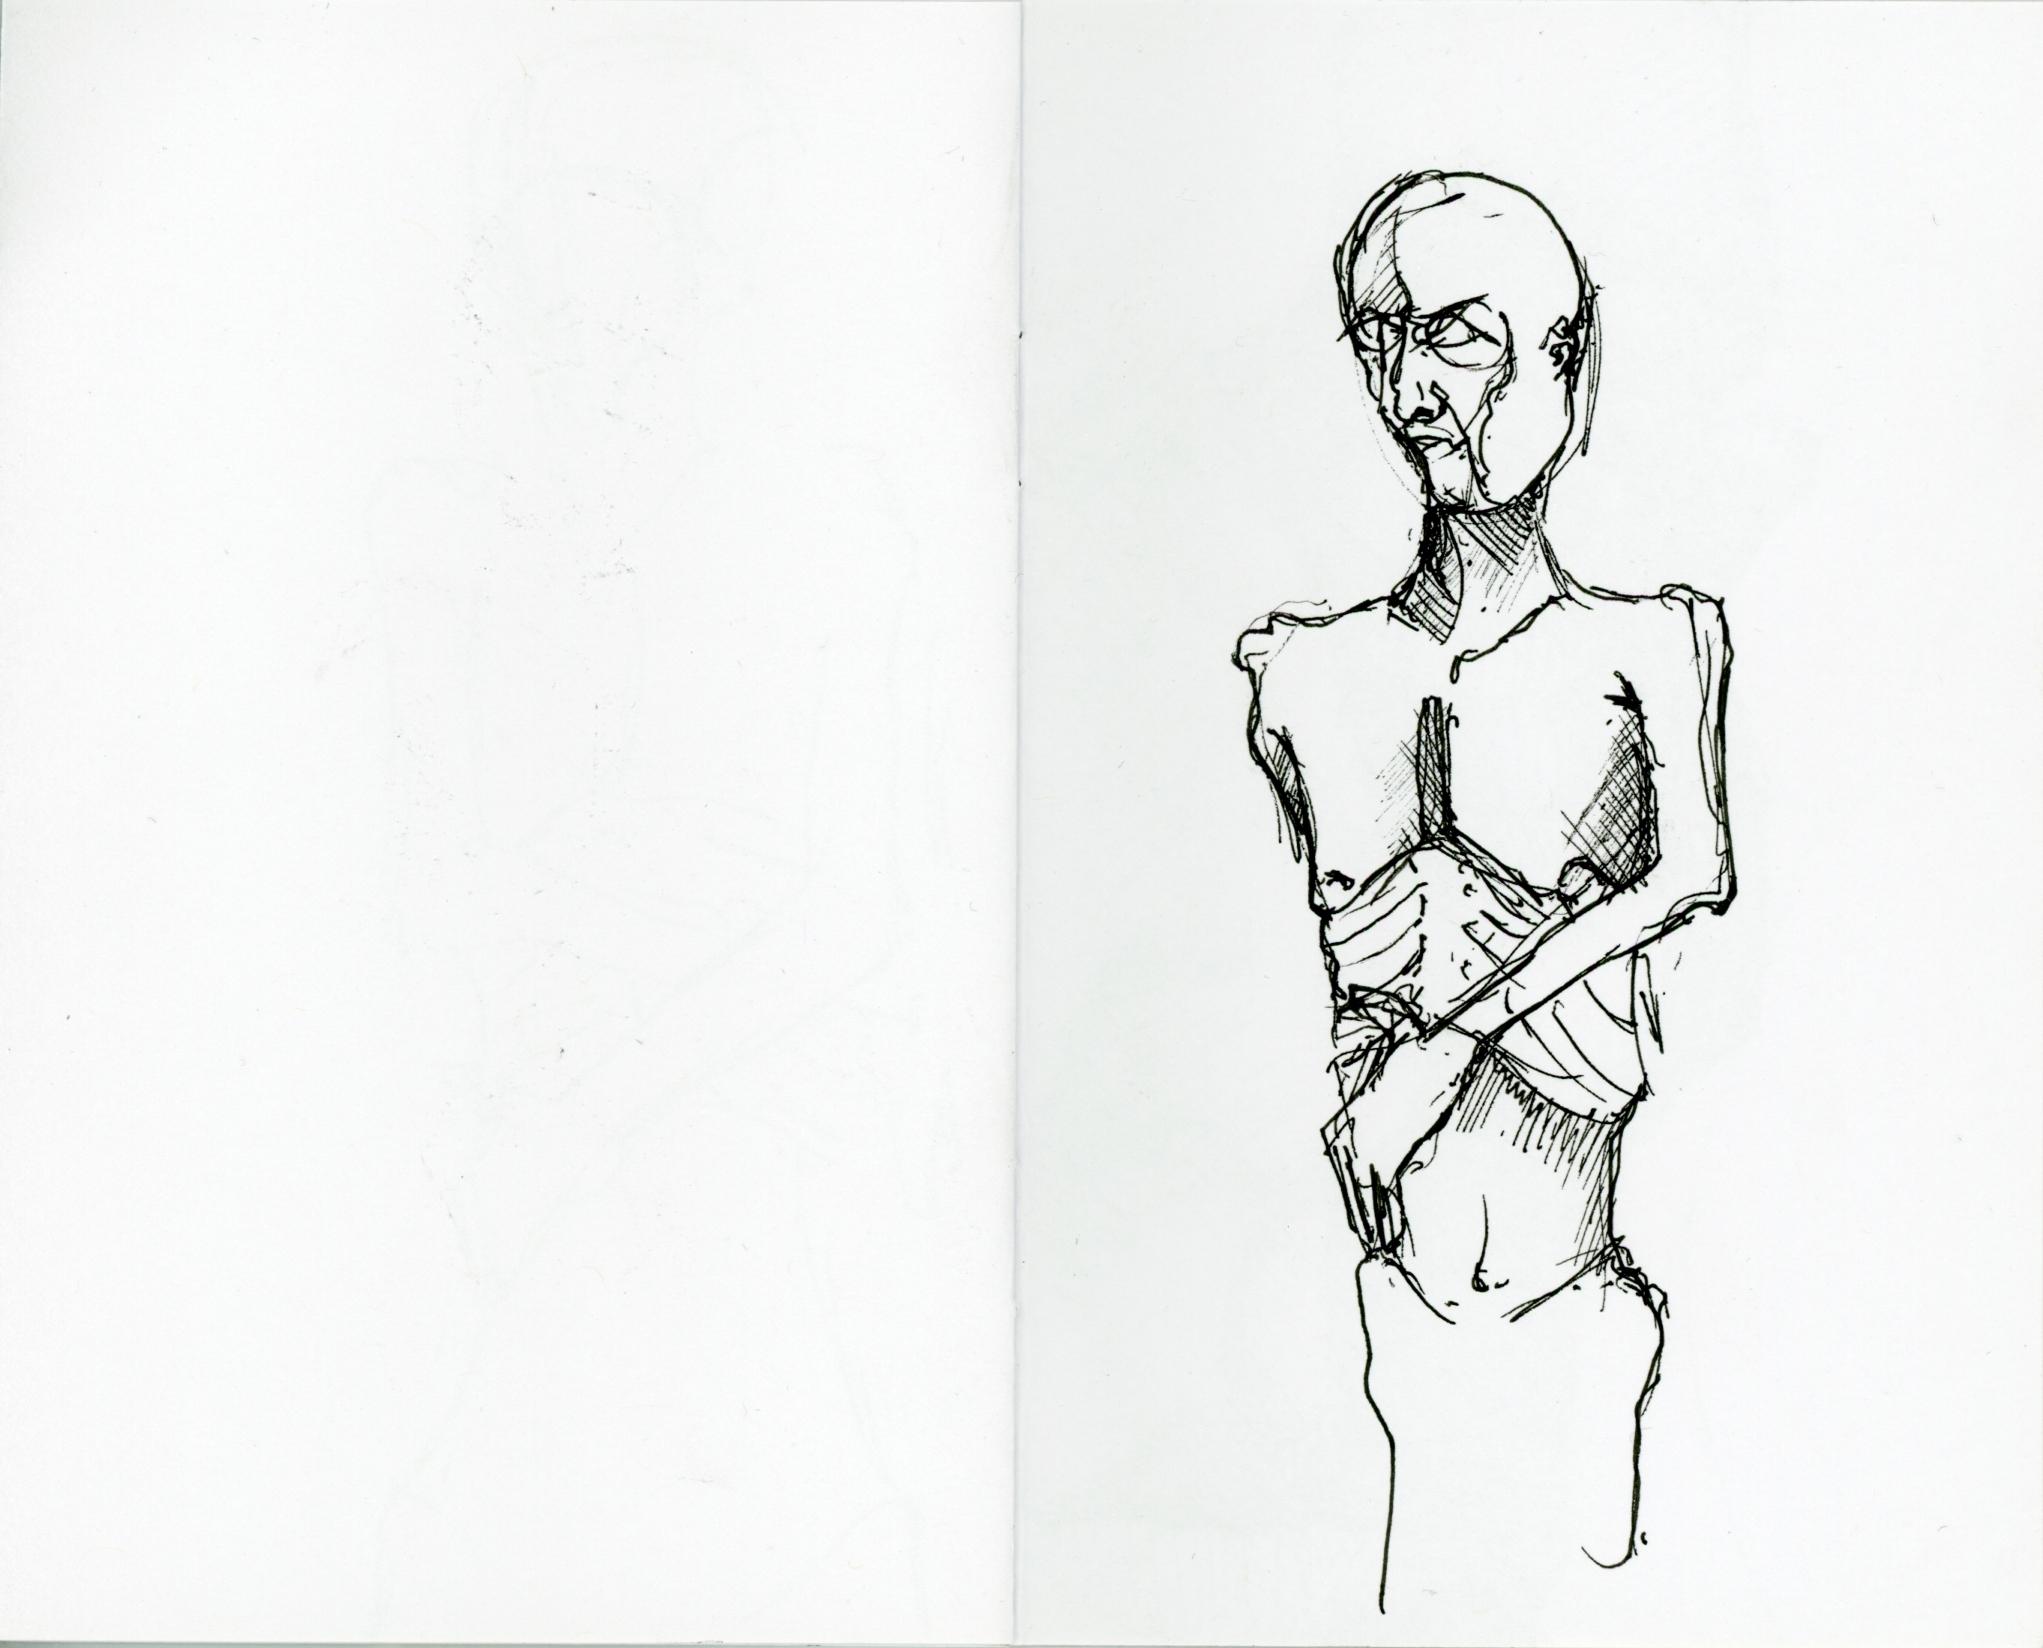 sketchbook_023_887.jpg